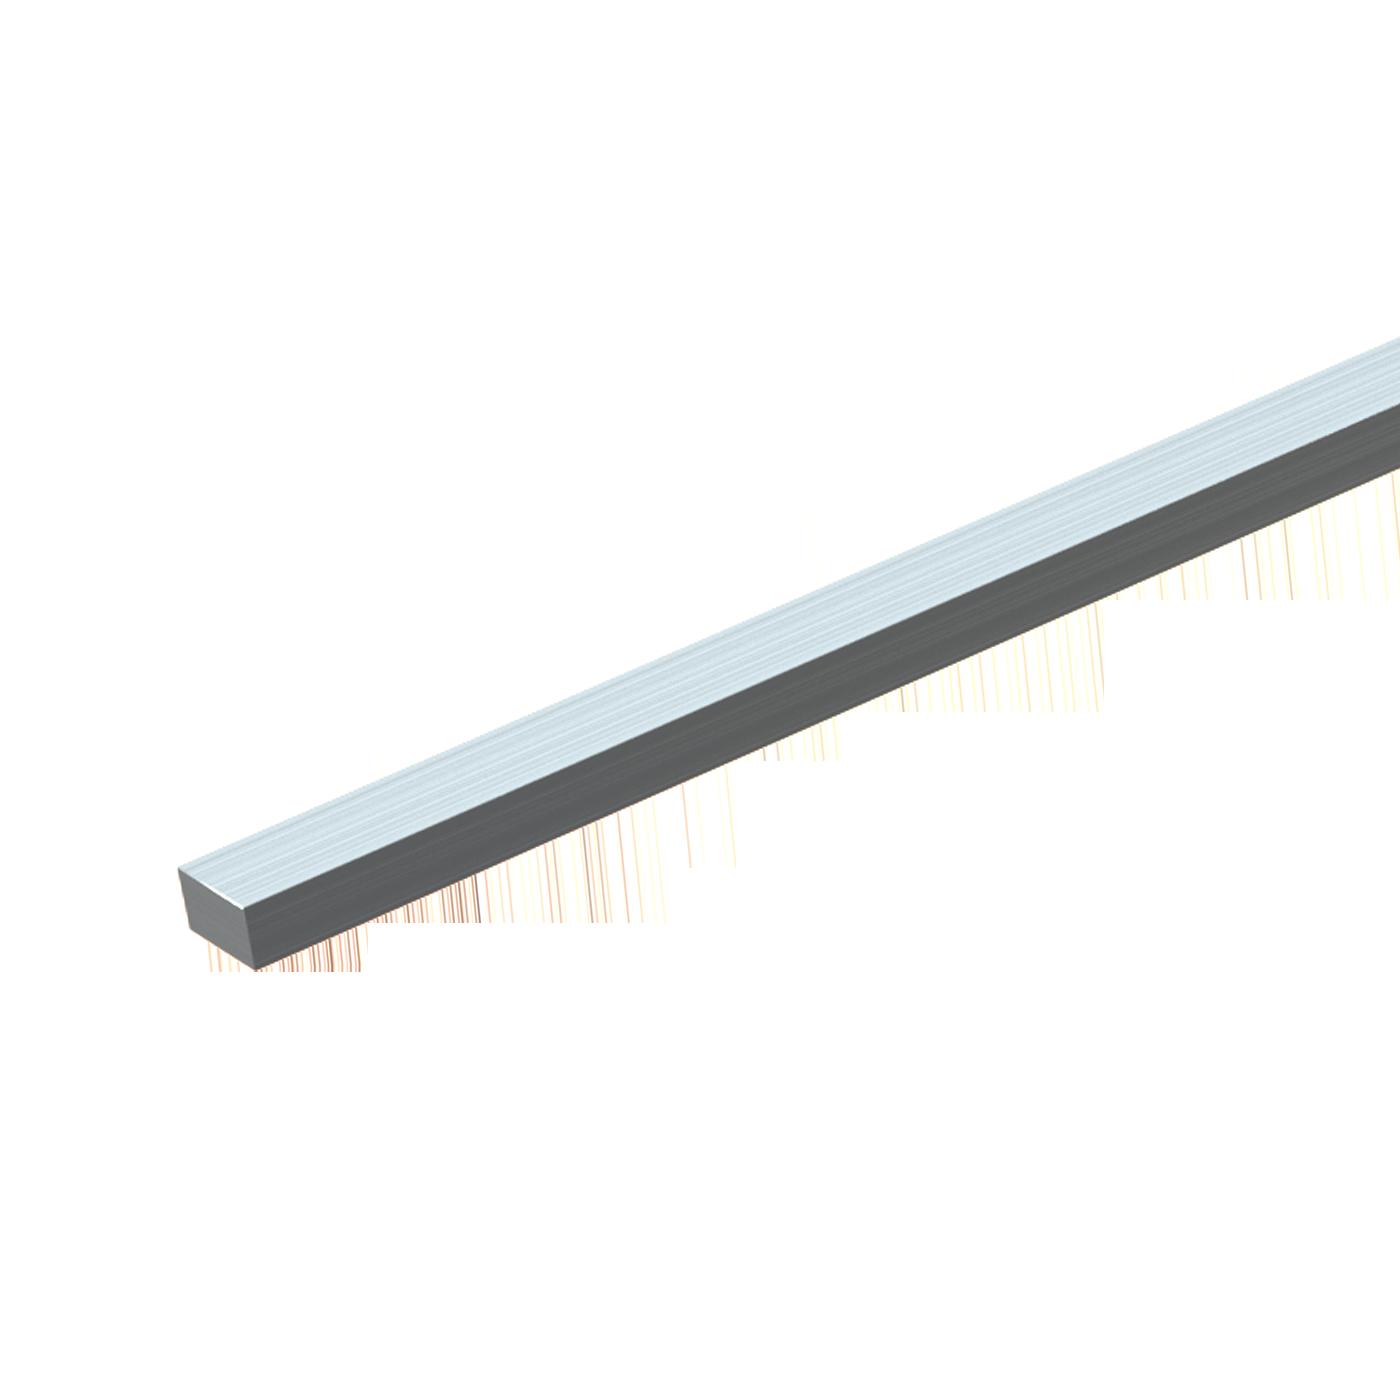 Les aciers à clavettes DIN 6880 sont utilisés pour la production des par ex. clavettes à talon DIN 6887 et des clavettes parallèles DIN 6885. Chez mbo Osswald l'acier à clavette est disponible en barres dans des longueurs allant jusqu'à 1 m. Ils sont fabriqués en acier traité et acier inoxydable.